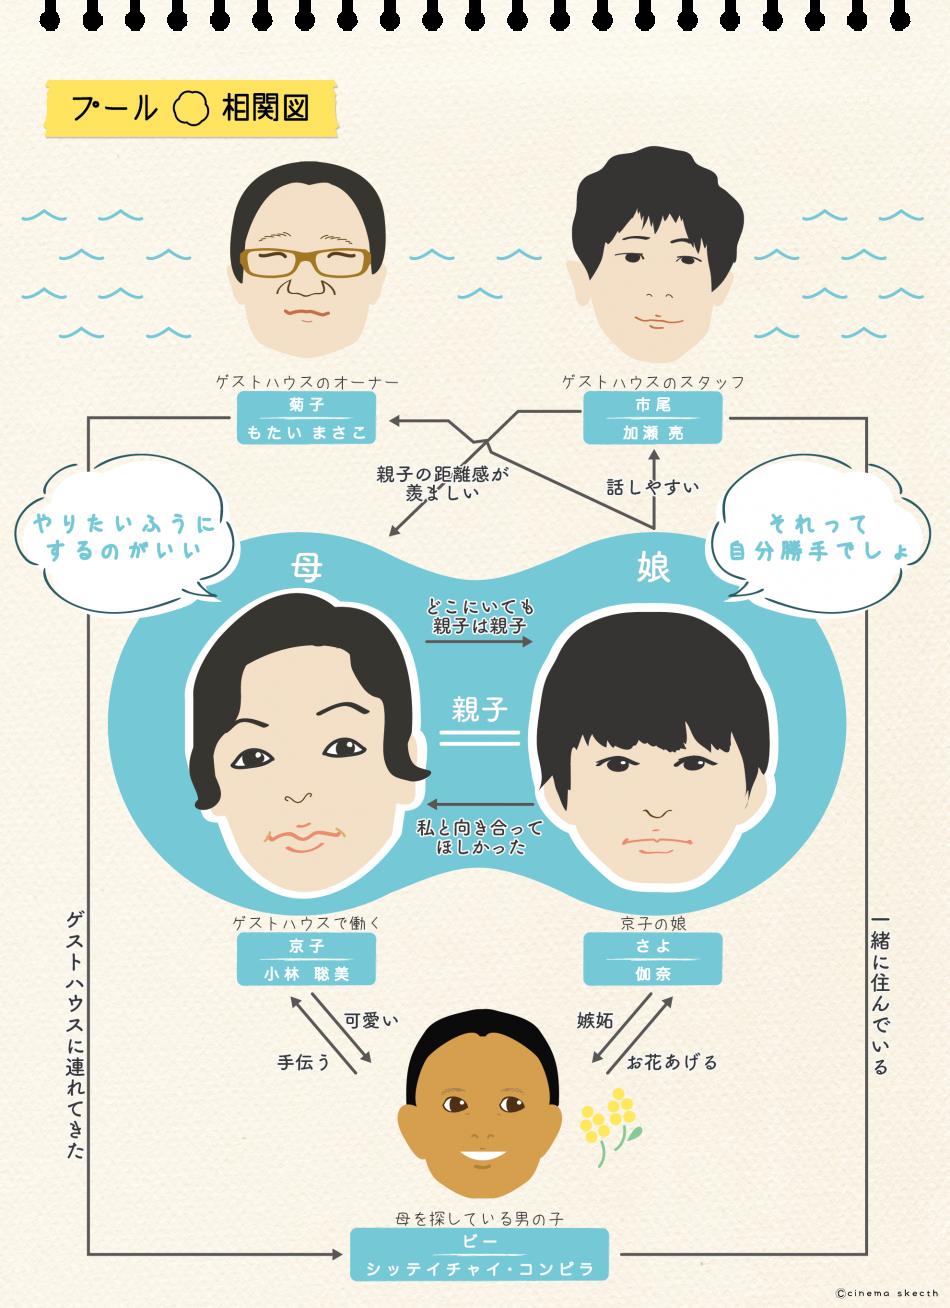 映画『プール』の相関図